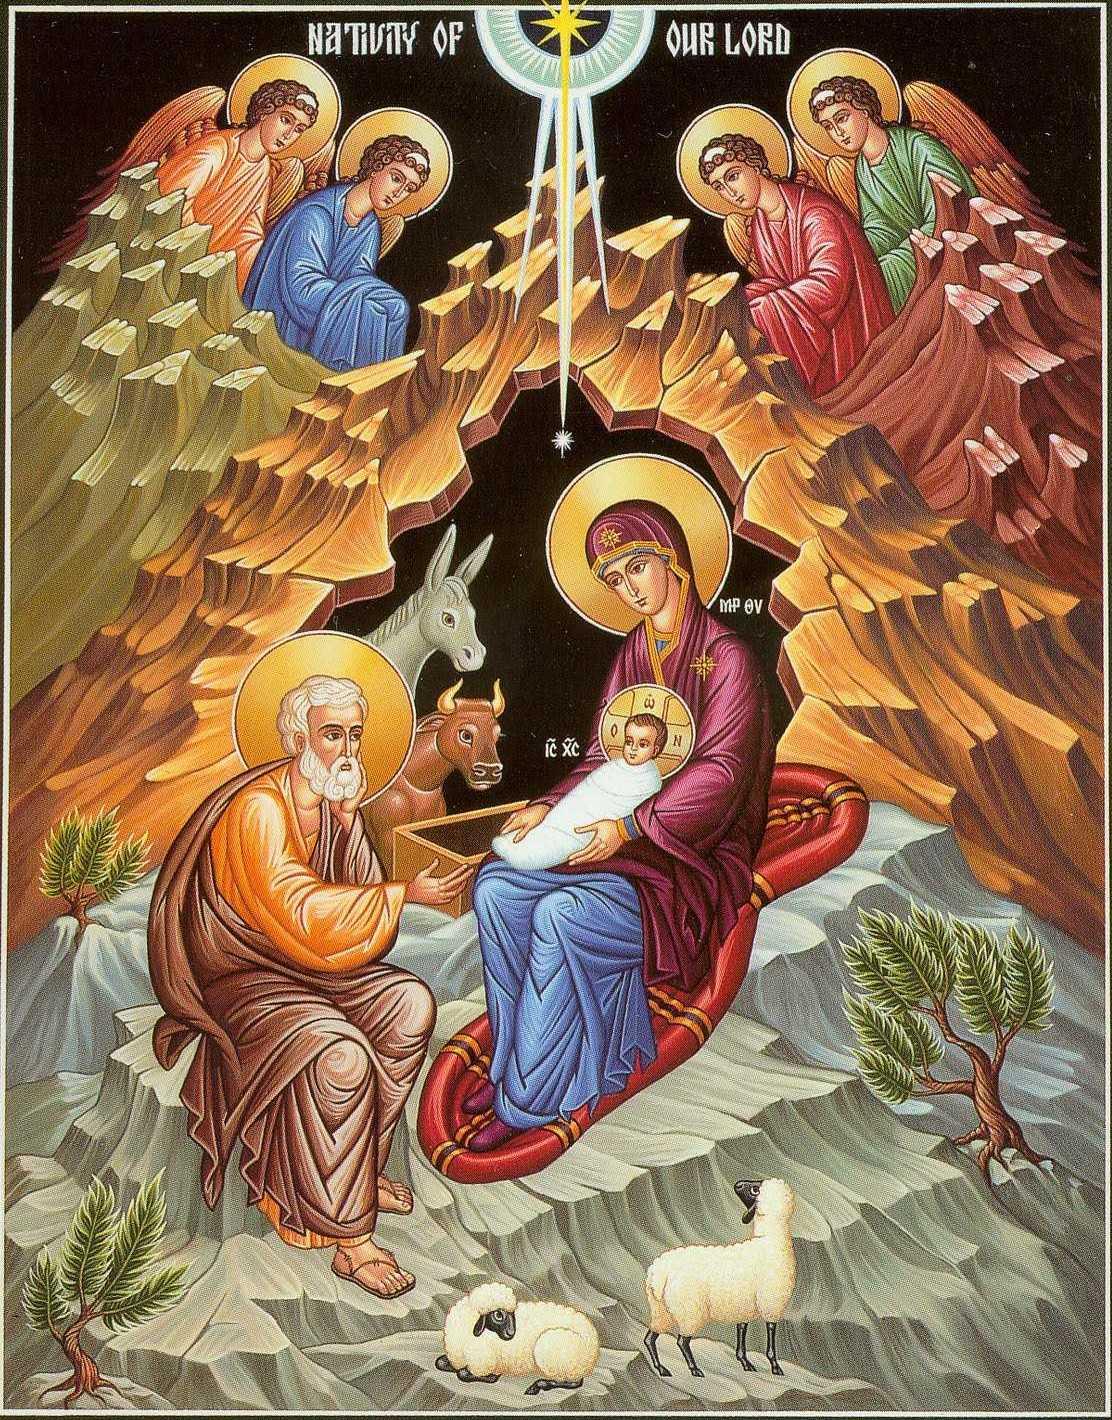 """<i>Cel Care nu renunta sa caute inimile noastre</i>… UNDE VINE DUMNEZEU SA SE INTALNEASCA CU NOI? <i>""""Hristos, Care nu avea nevoie de nimic, S-a facut pe Sine asa fel incat sa aiba nevoie de noi, cei nevoiasi de toate""""</i>. A DOUA DUMINICA A STRAMOSILOR si PREGATIREA PENTRU NASTEREA DOMNULUI IN NOI"""